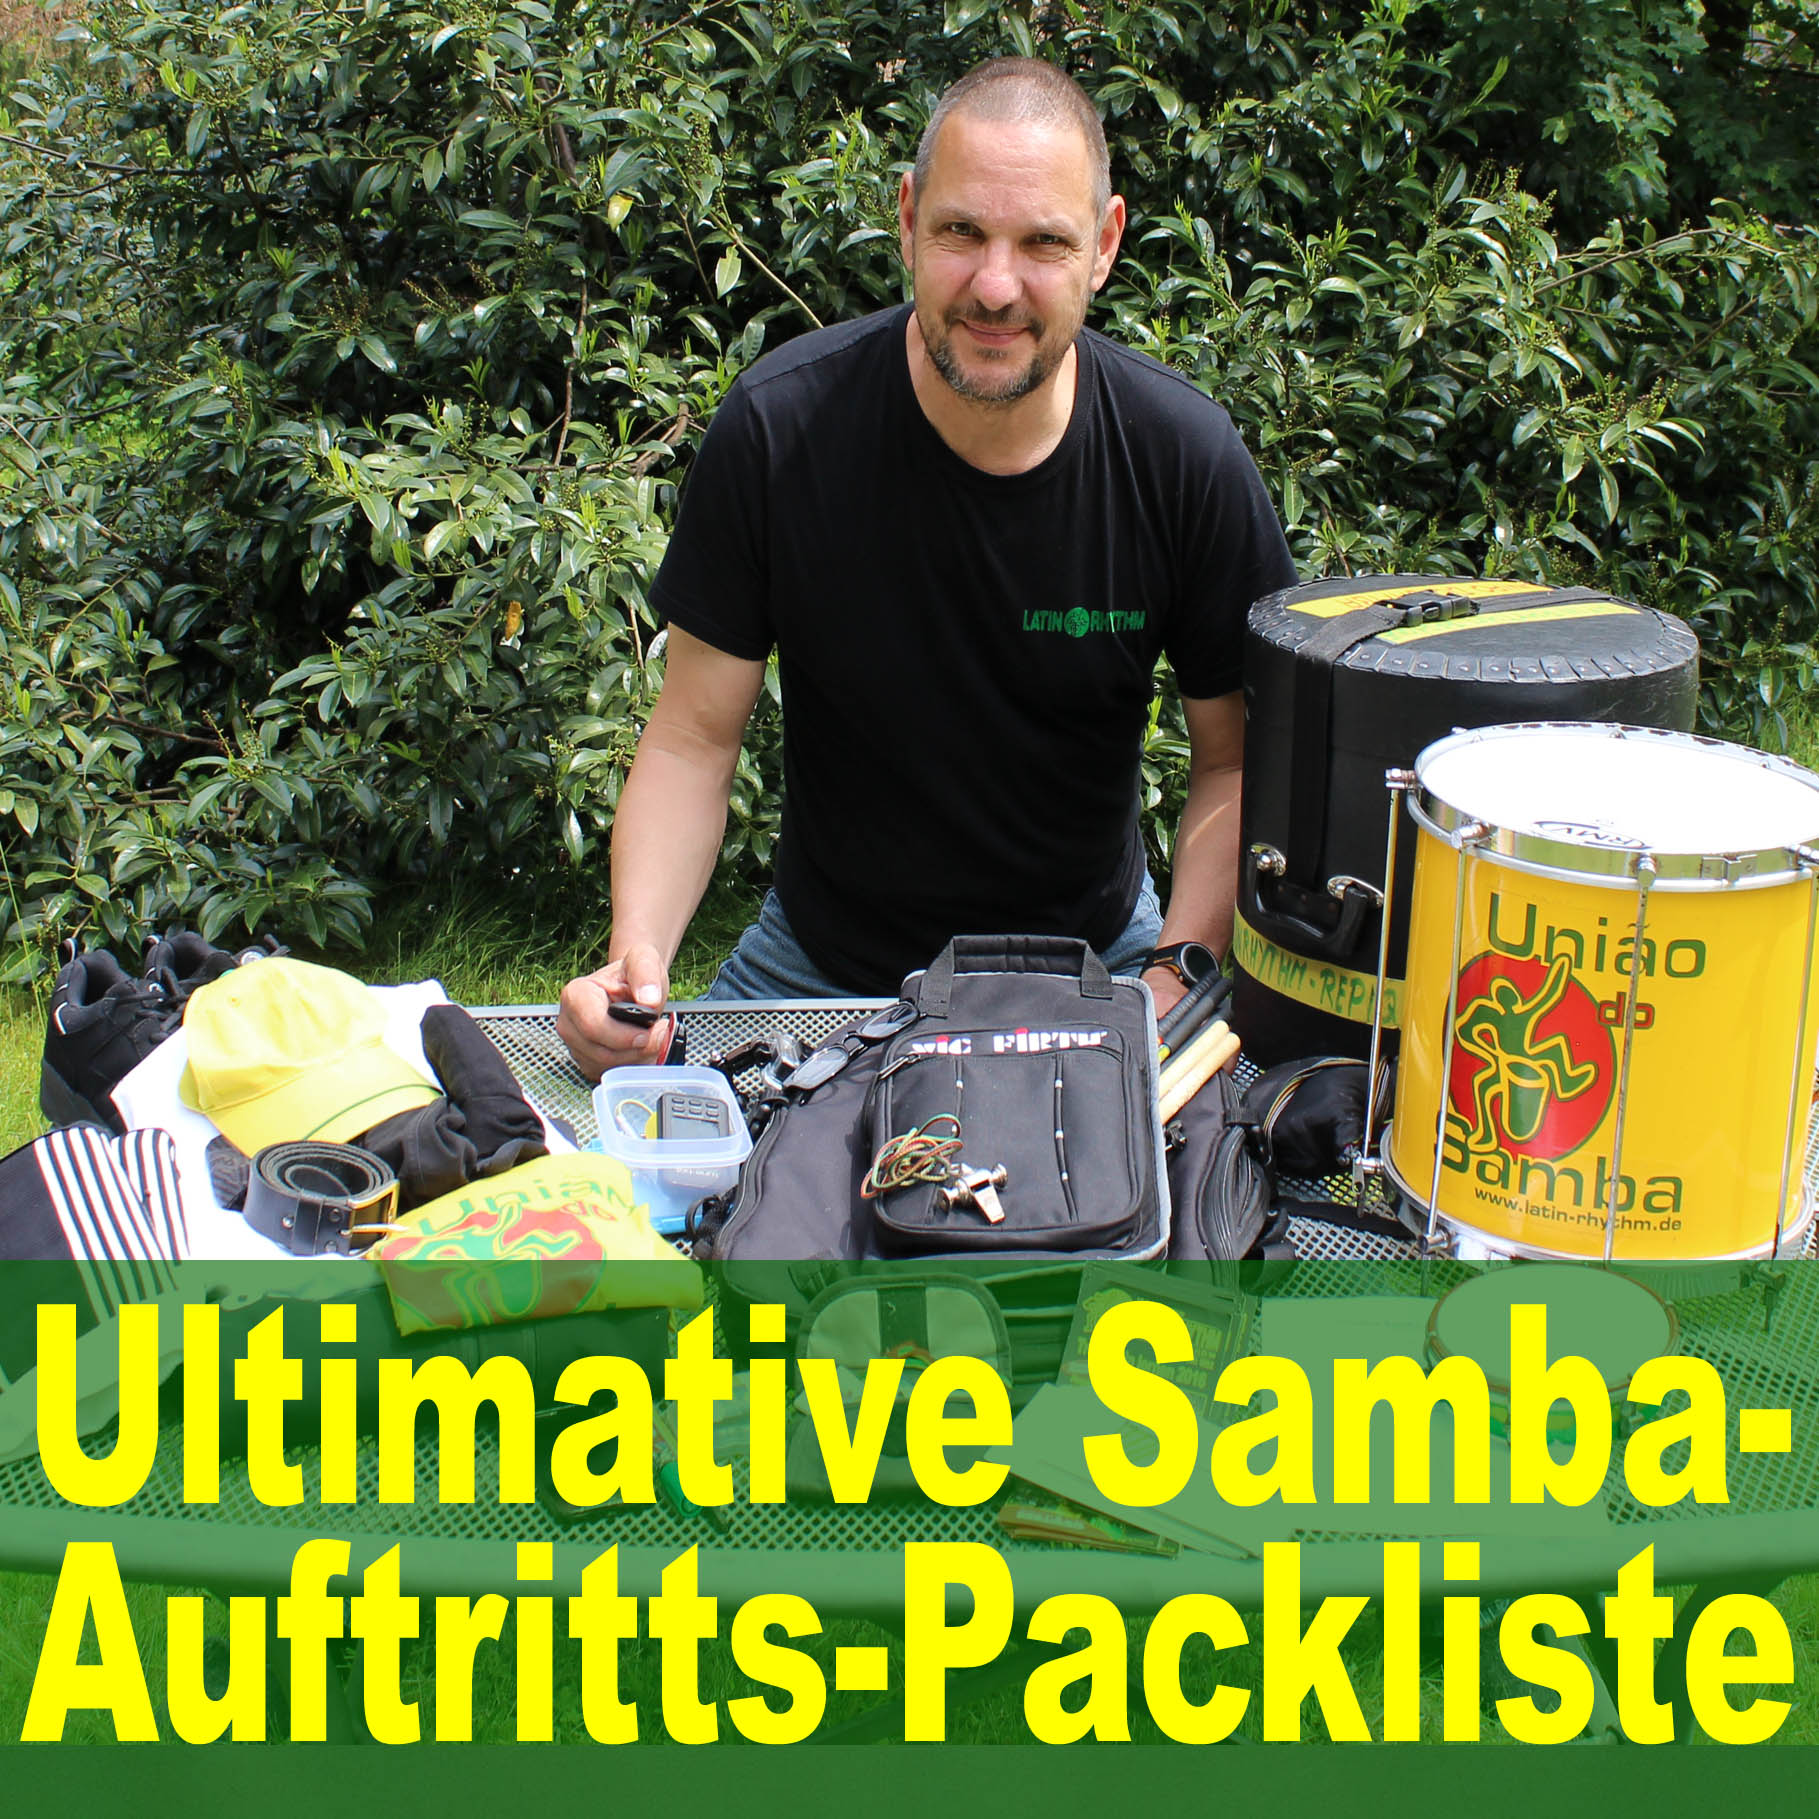 Die ultimative Samba-Auftritts-Packliste